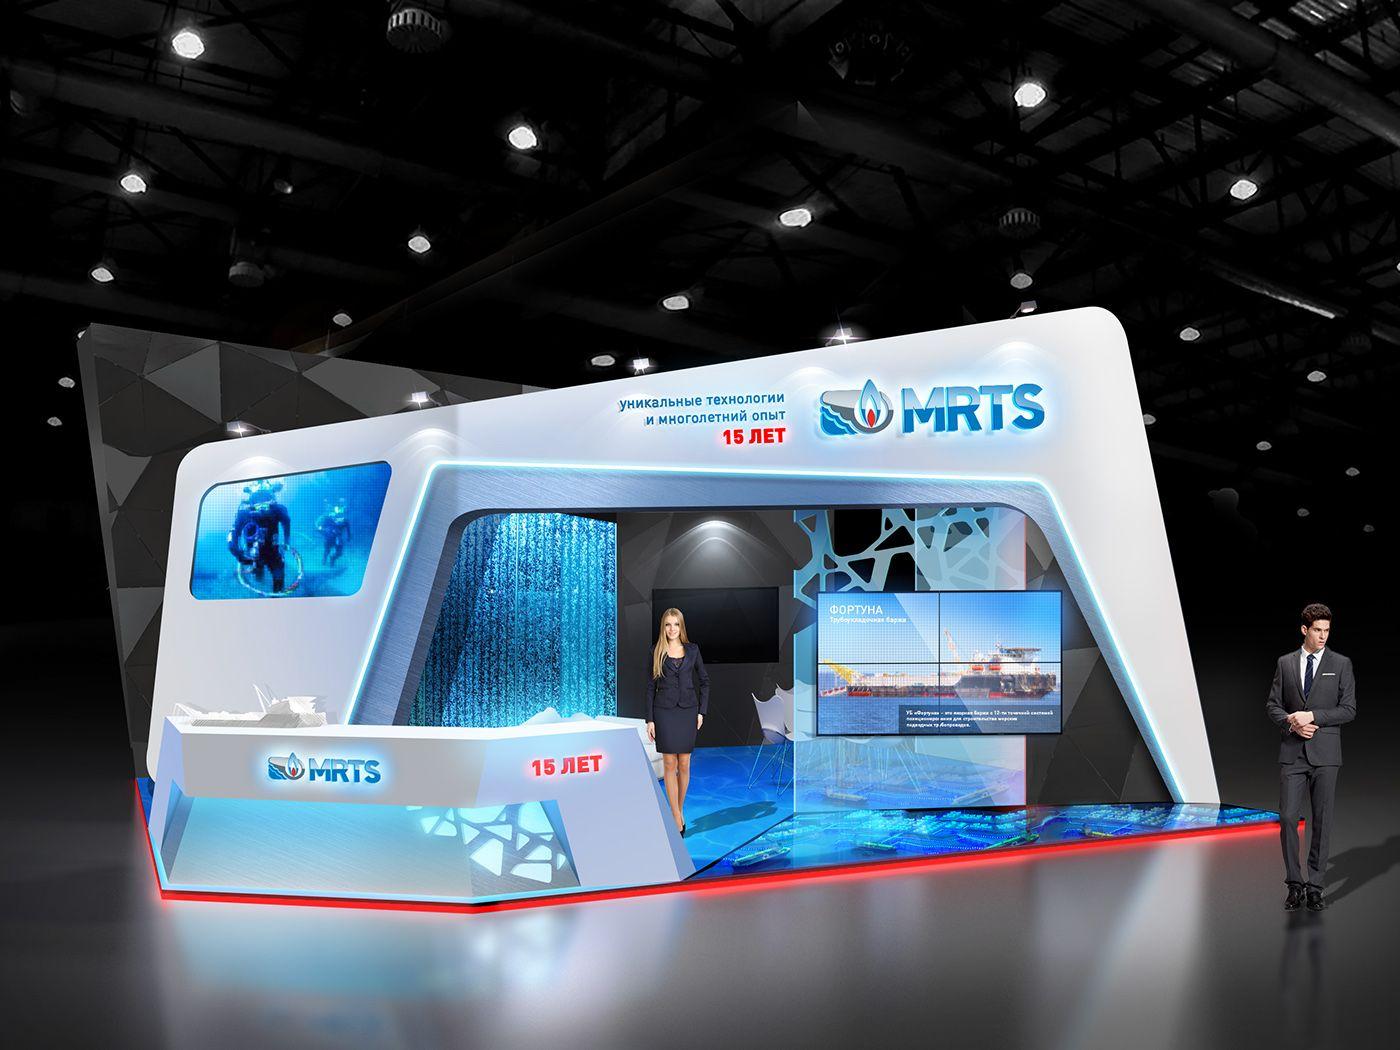 Exhibition Stand Behance : Exhibition design on behance pinterest